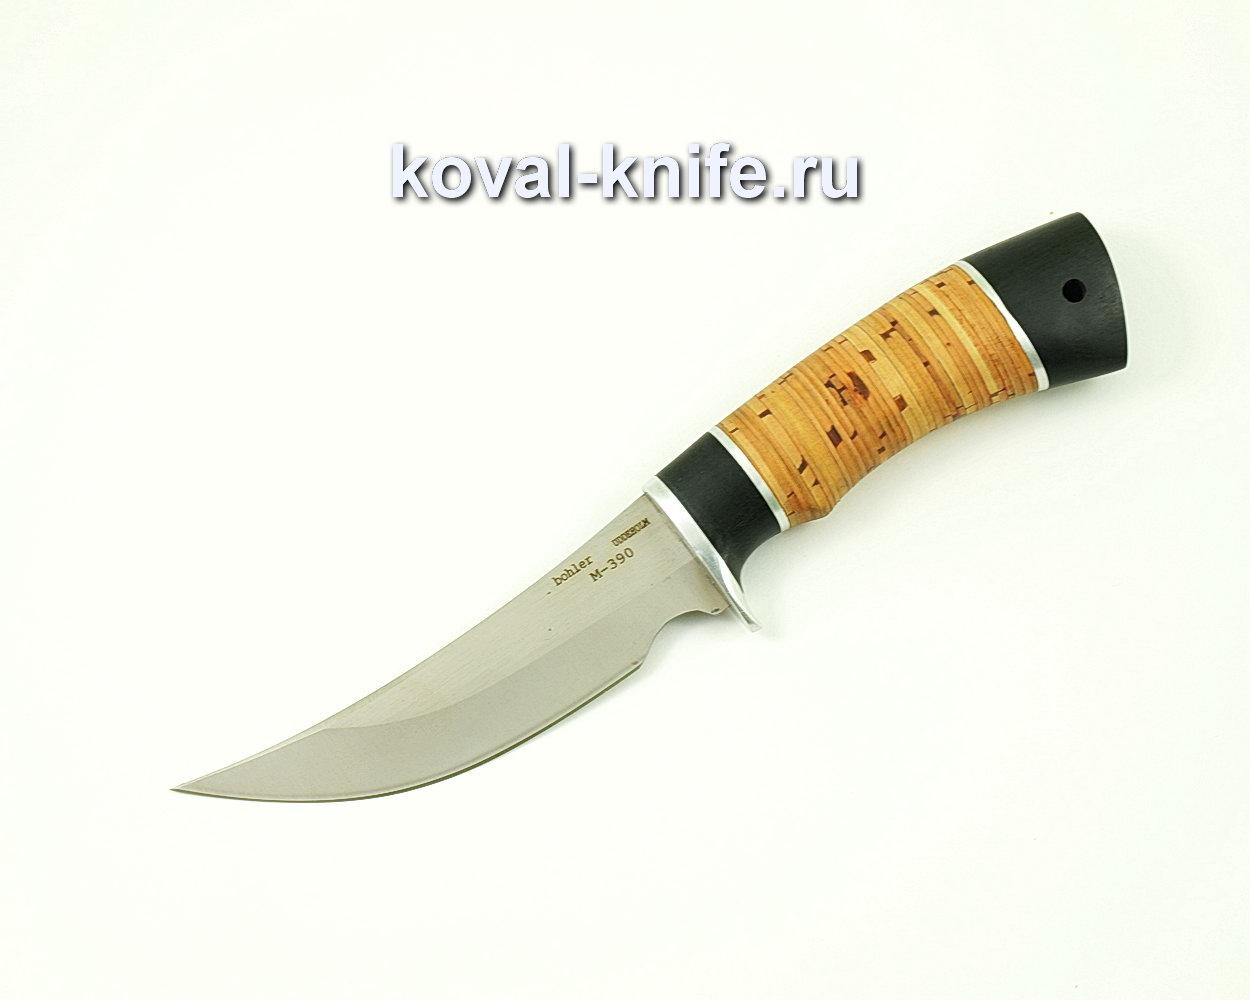 Нож Ворон из порошковой стали M390 (рукоять береста и граб) A397